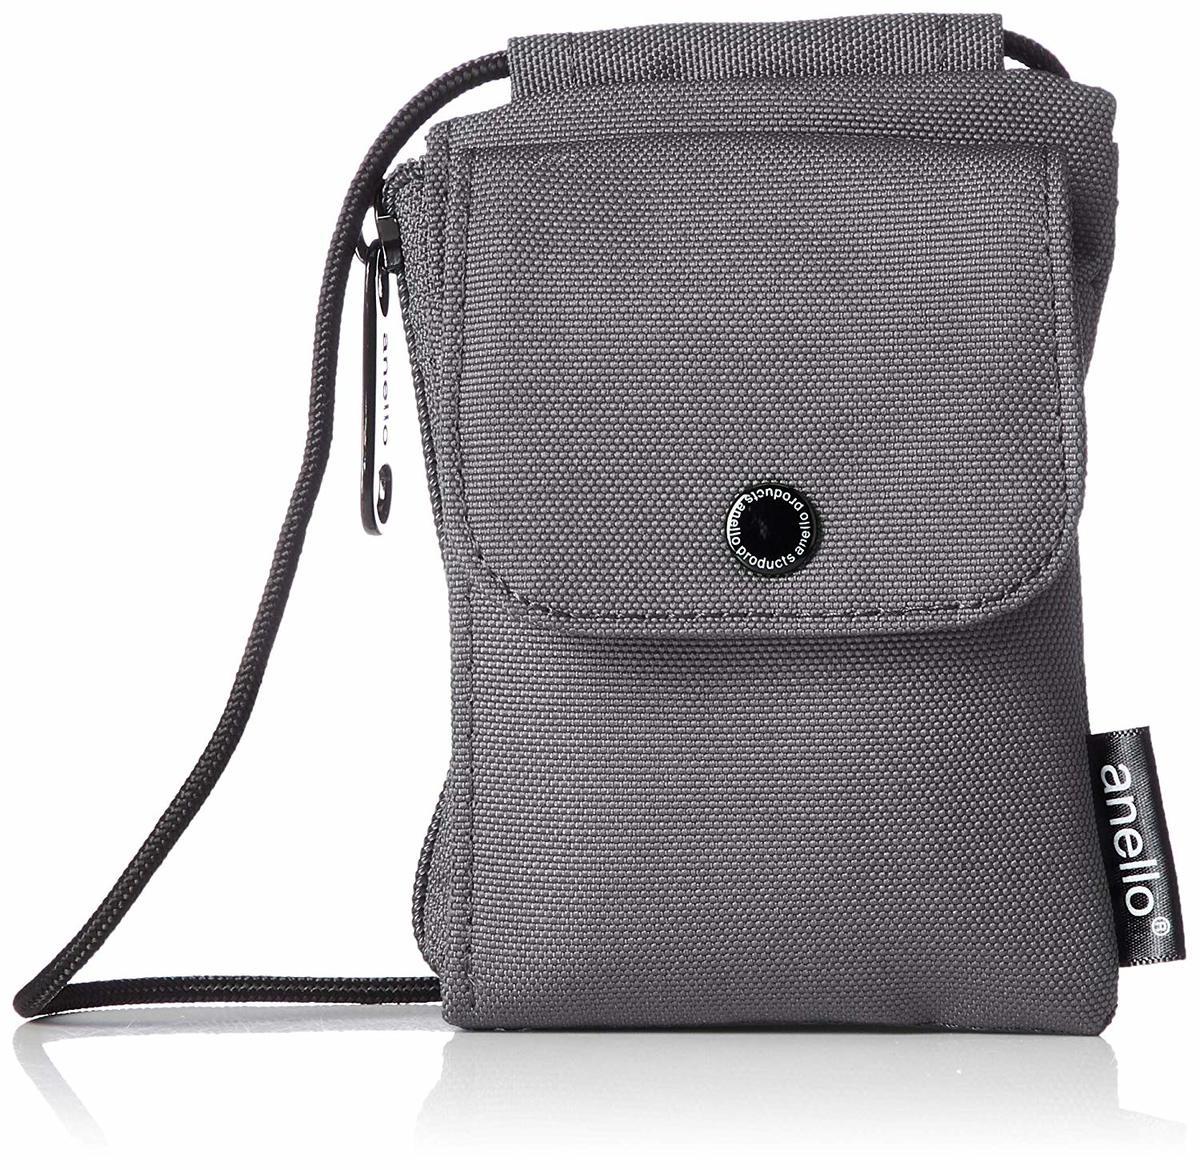 CS nekkuuxoretto - Shoulder bag AT-S0114-GY Grey